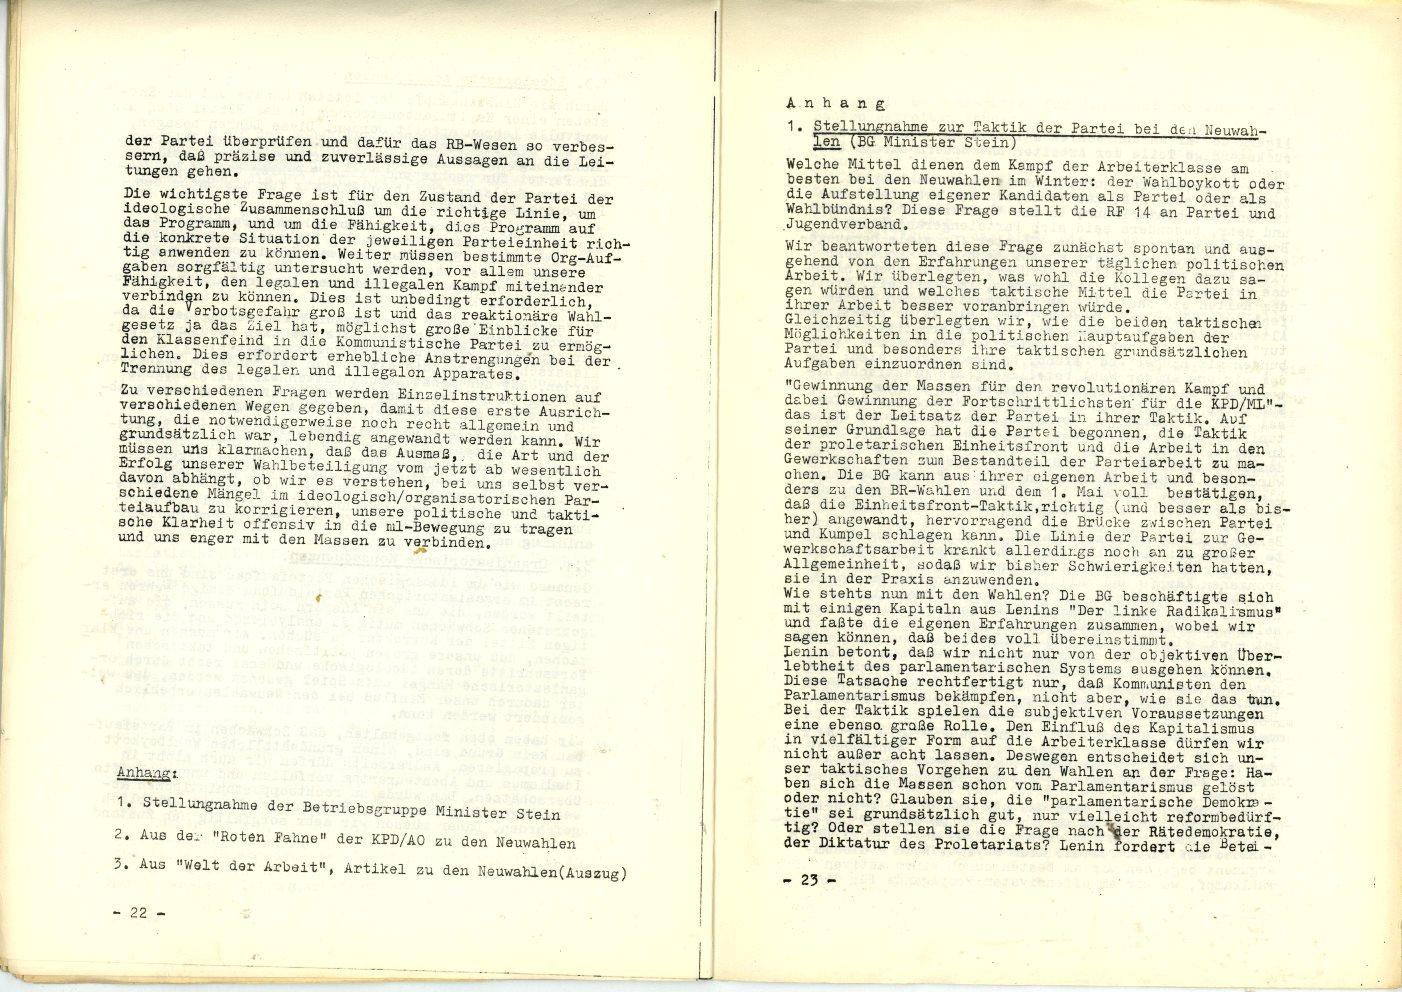 ZB_Rahmenplan_19720804_13